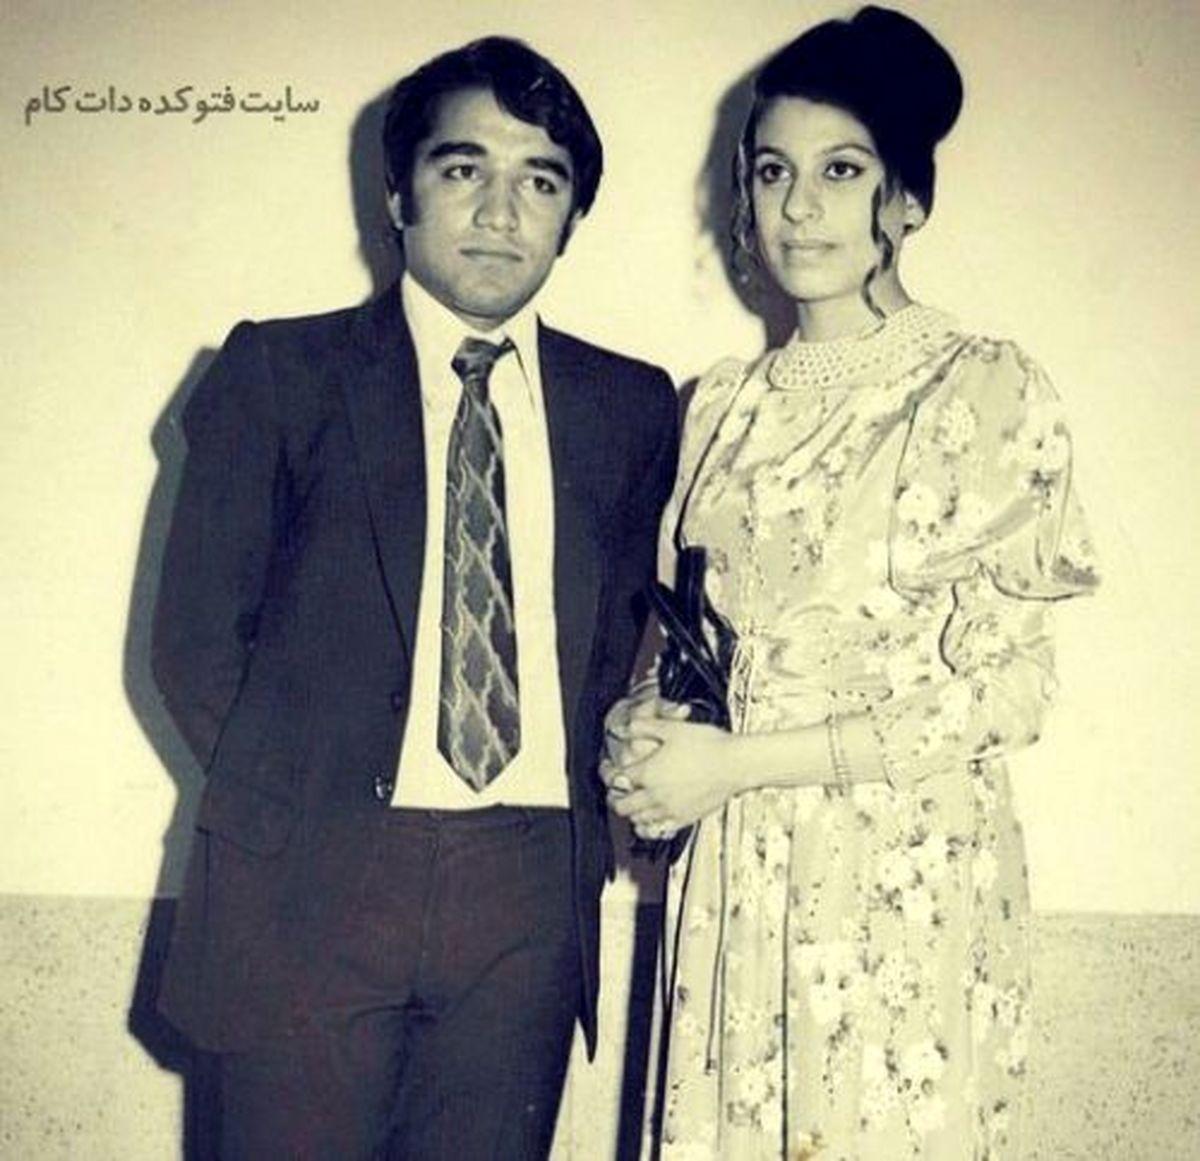 همسر جوان و خوشتیپ گوهر خیراندیش + عکس